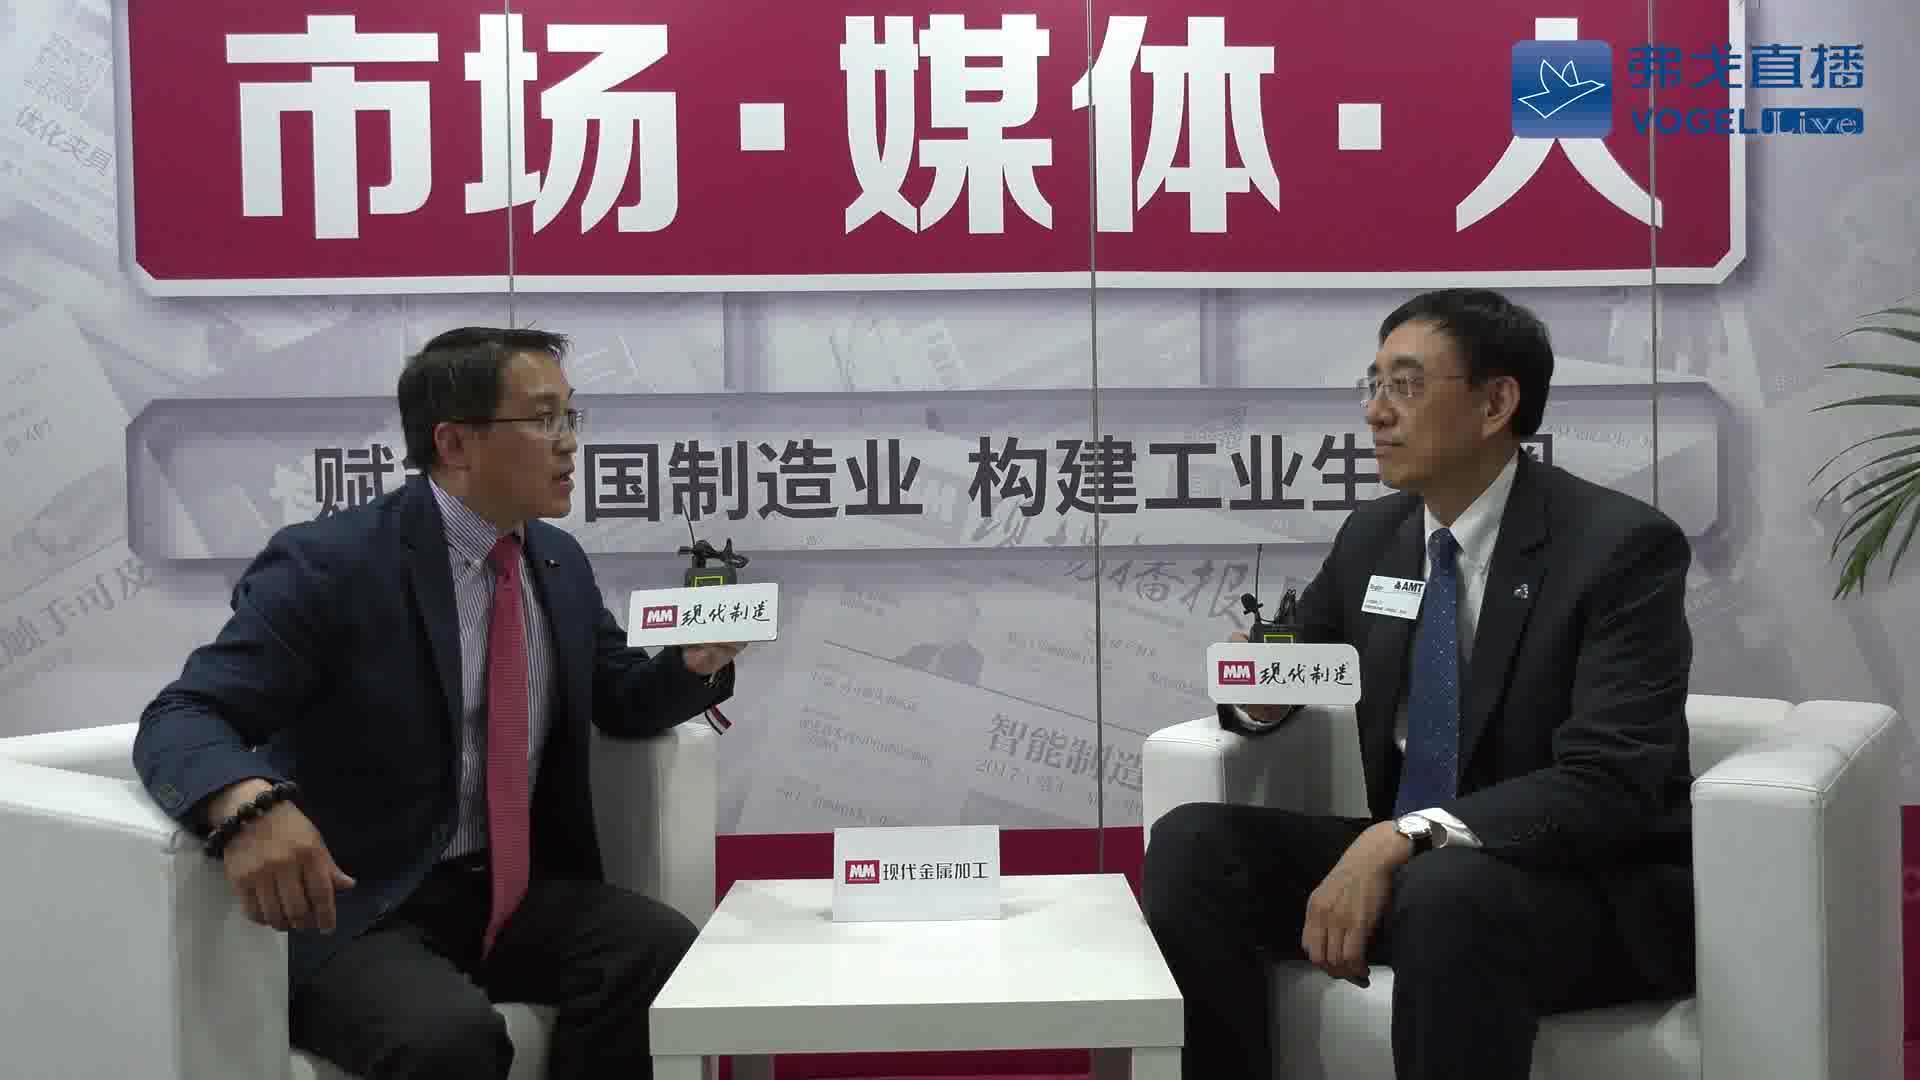 李星斌先生 美国机械制造技术协会亚太区总经理-CIMT2019